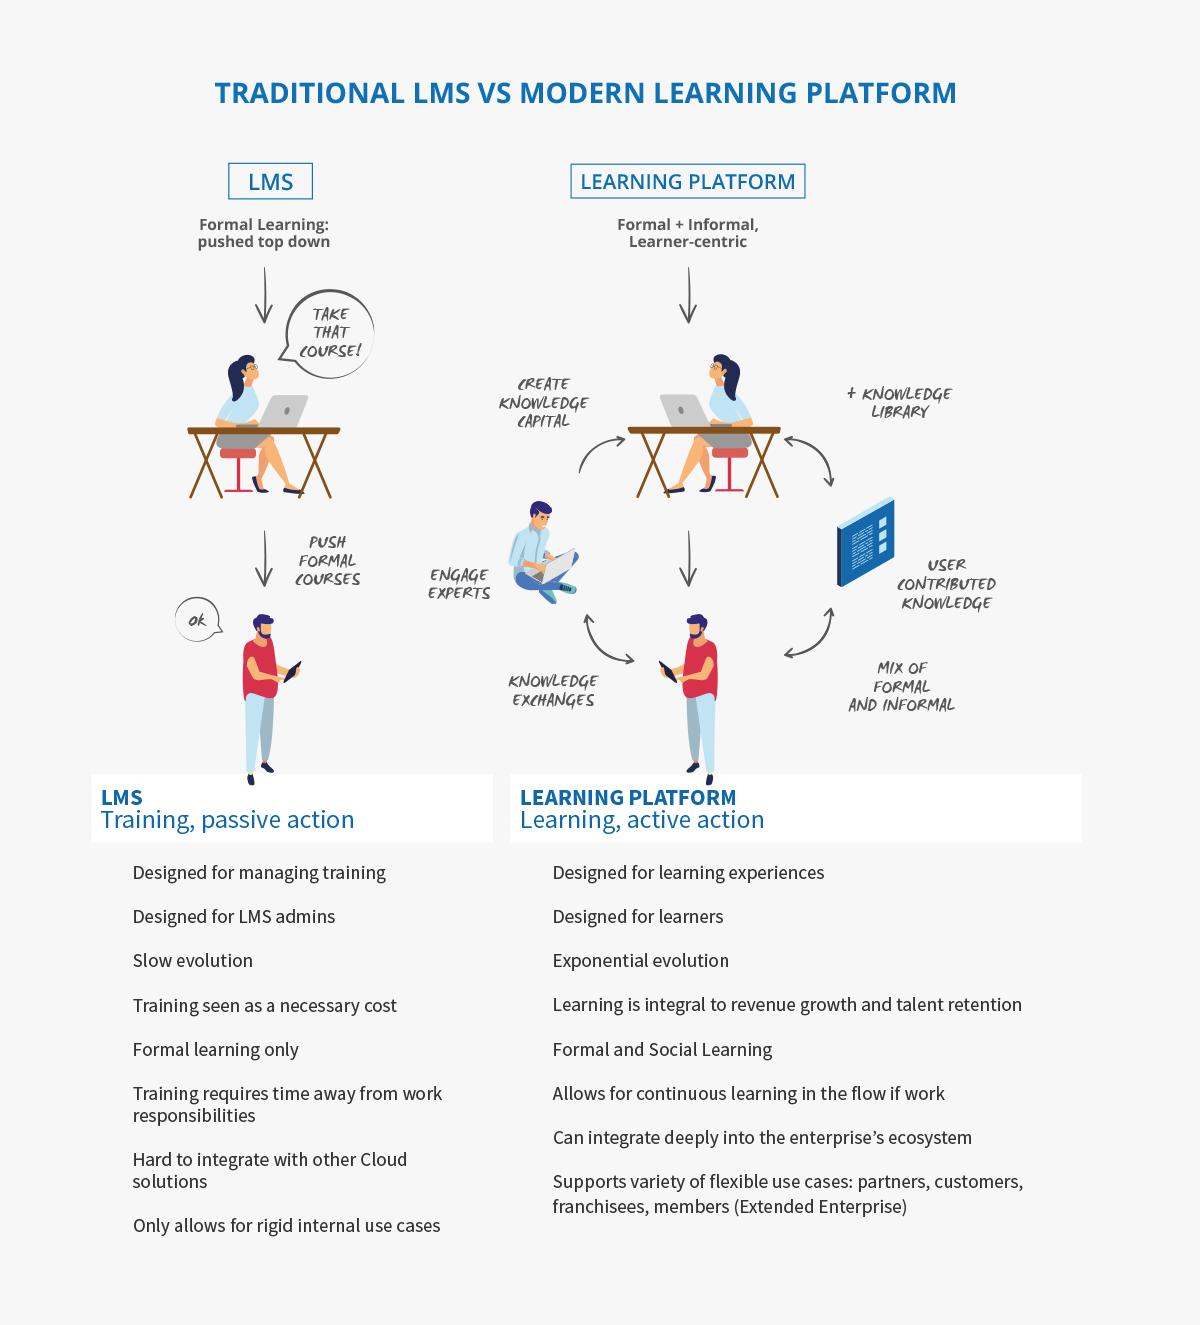 LMS vs Learning Platform